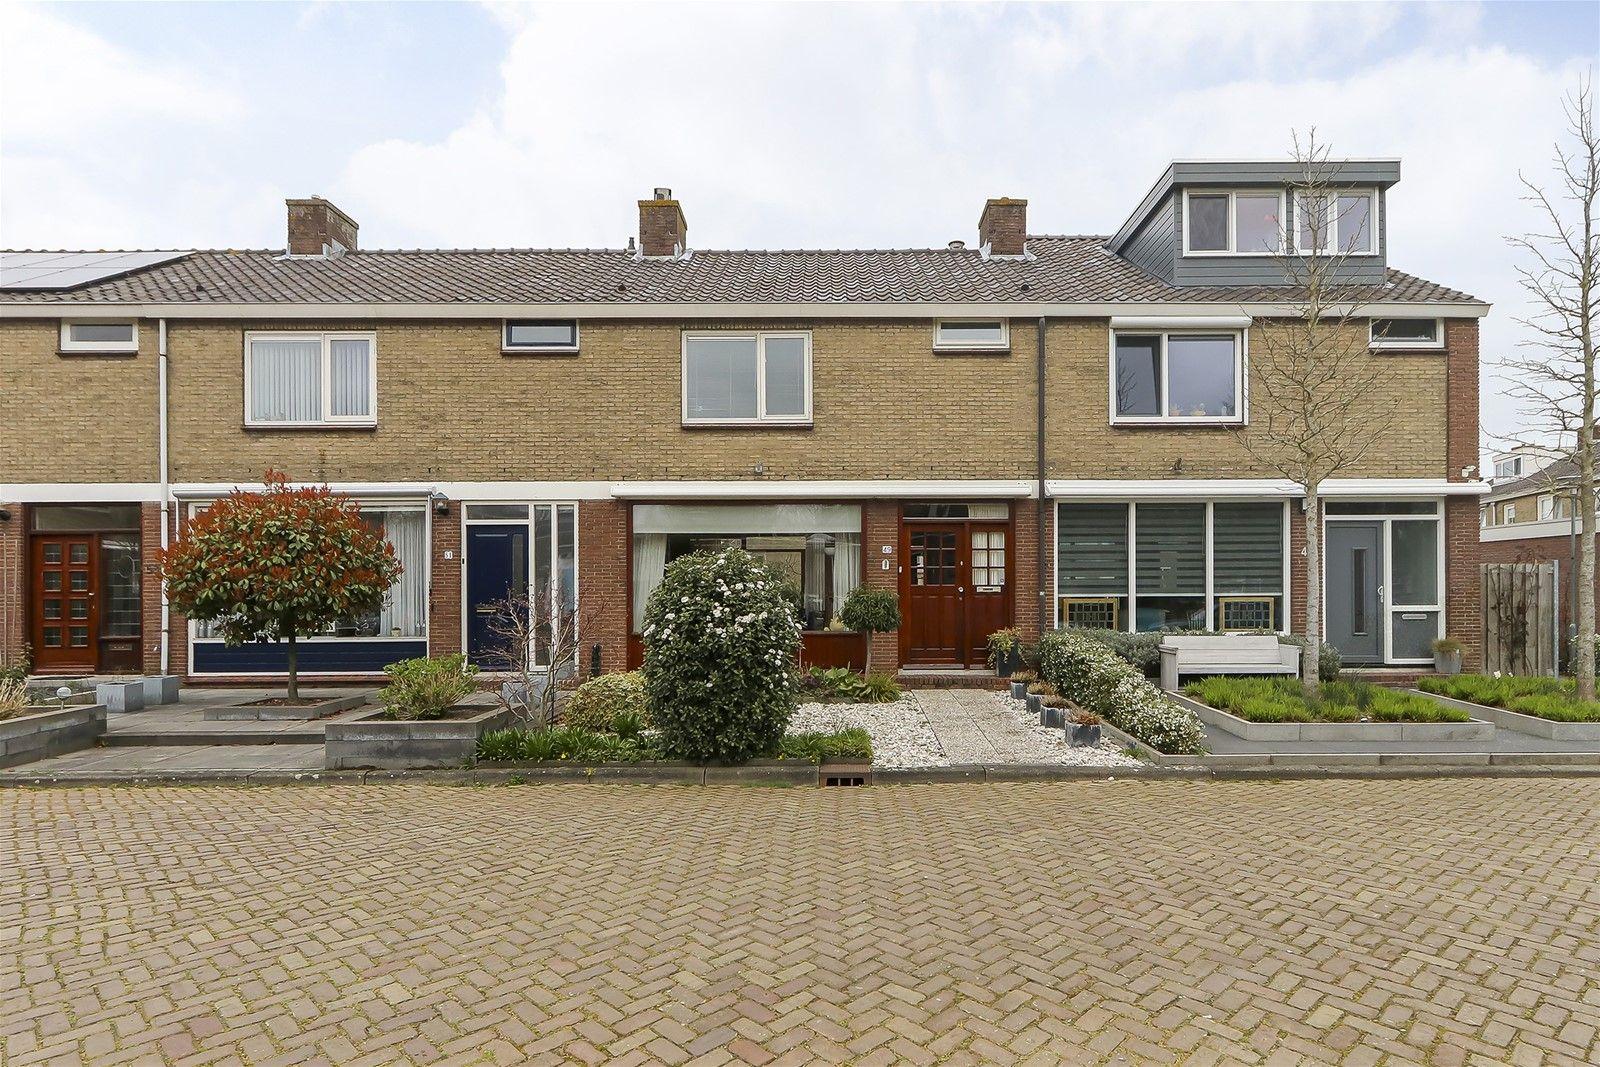 Esdoornlaan 49, Dordrecht